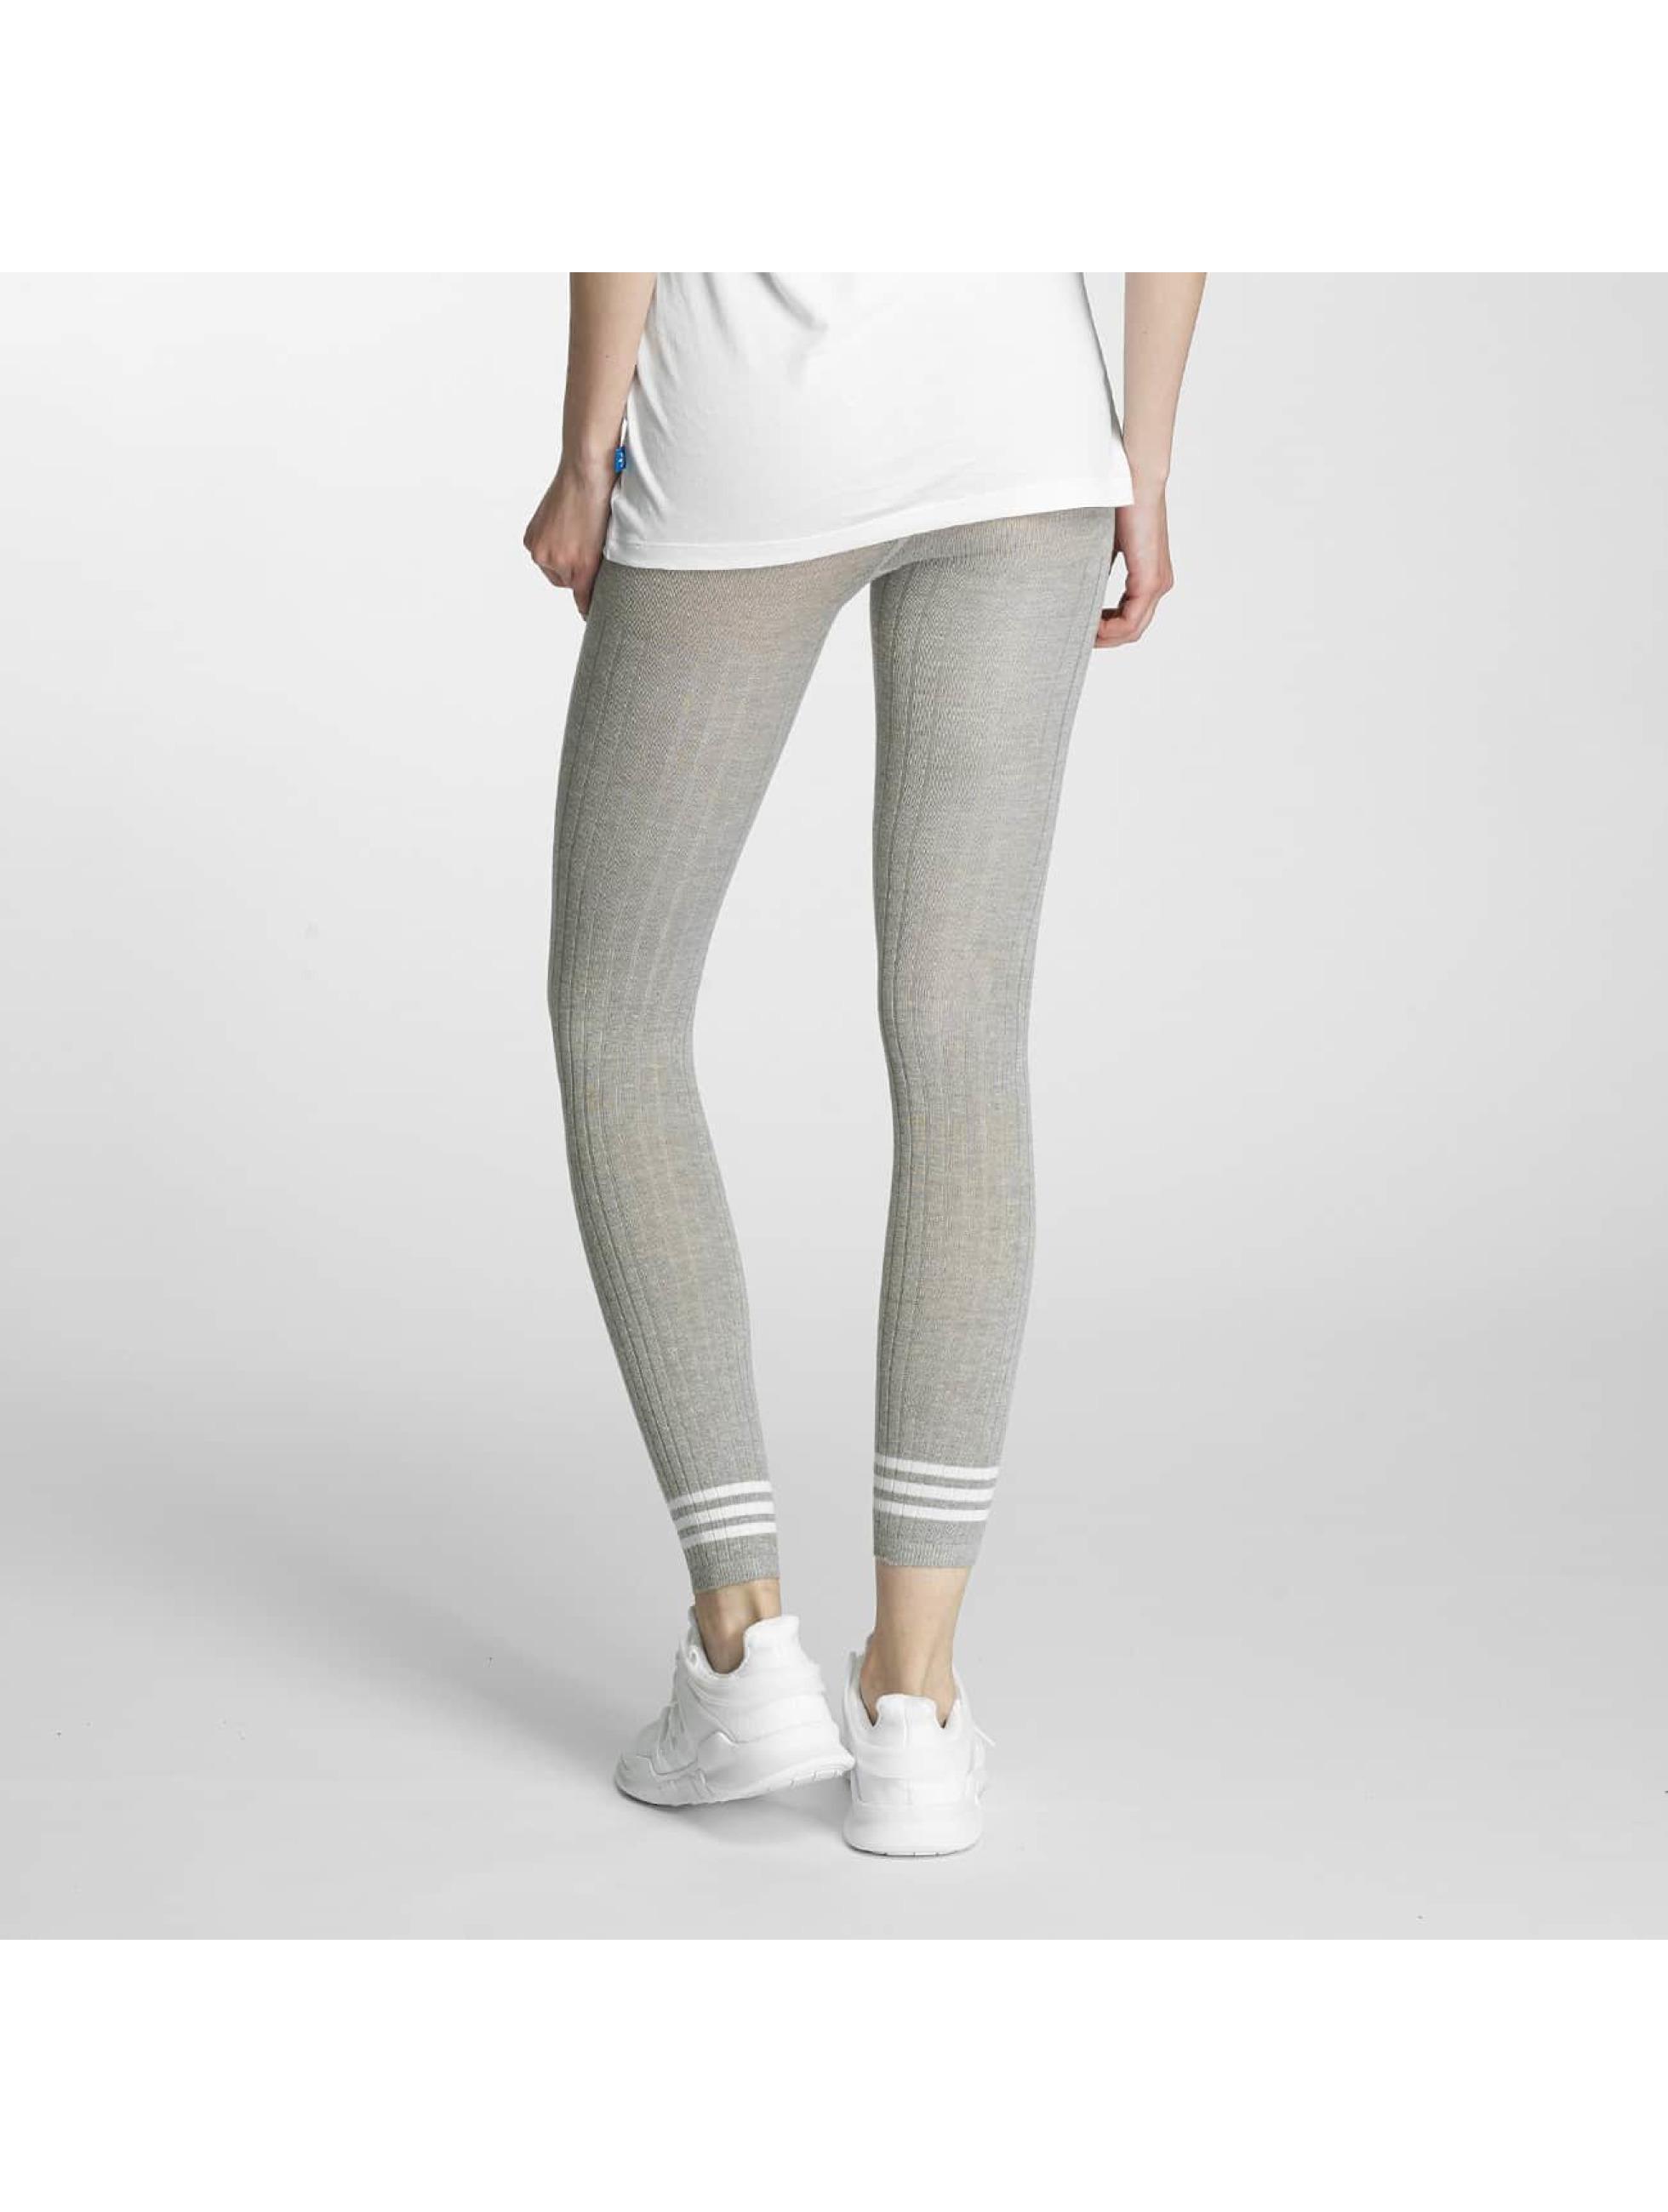 adidas Leggingsit/Treggingsit 3 Stripes harmaa